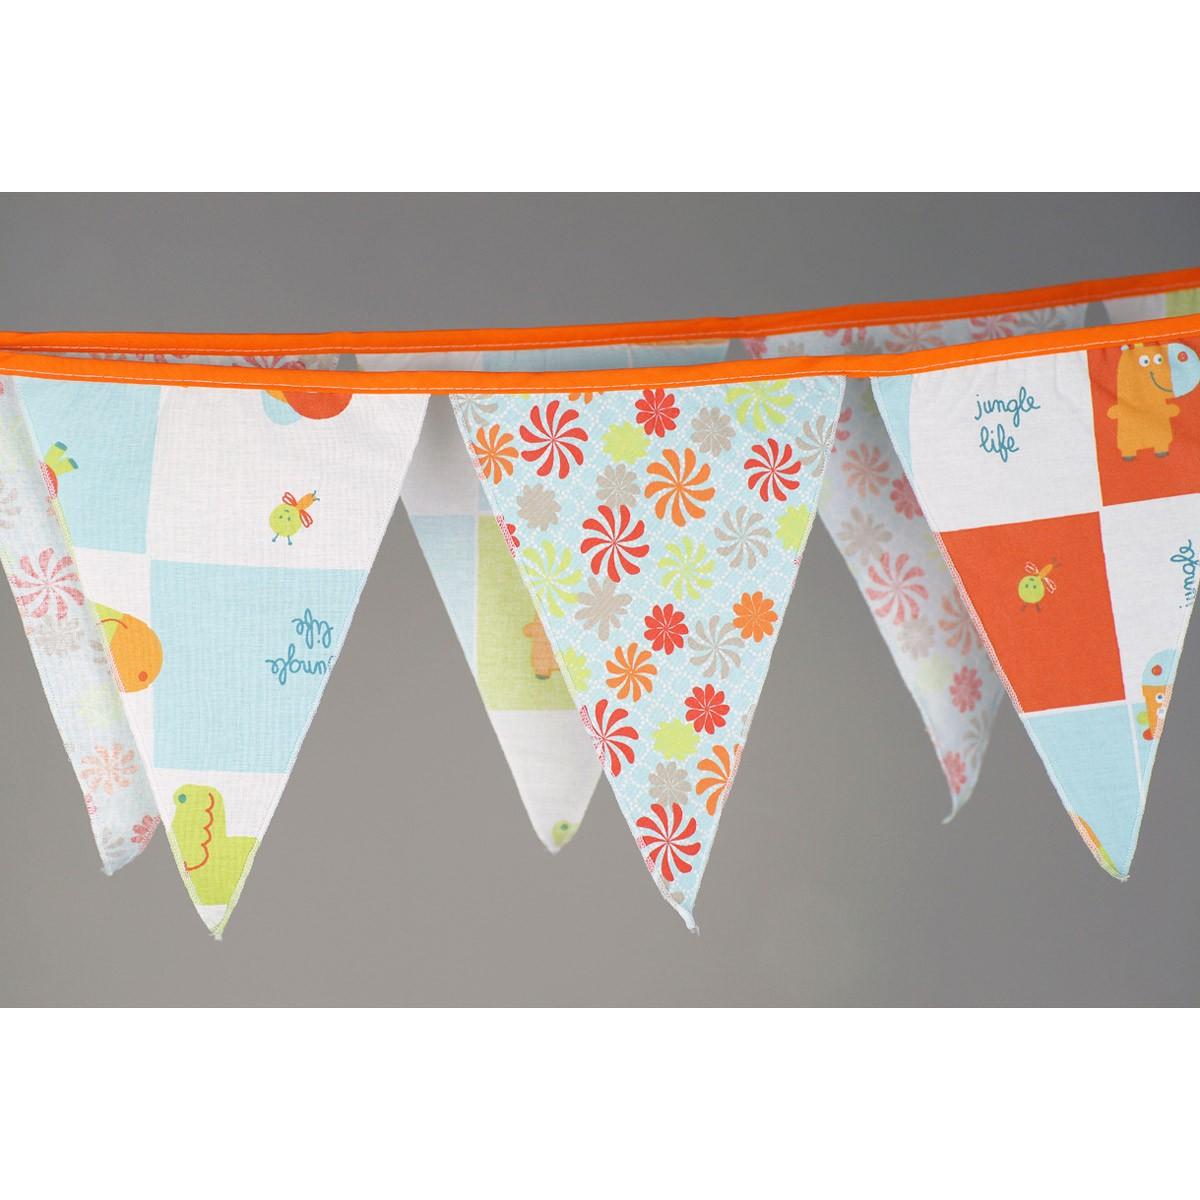 Διακοσμητικά Σημαιάκια Ninna Nanna Jungle home   βρεφικά   βρεφική διακόσμηση